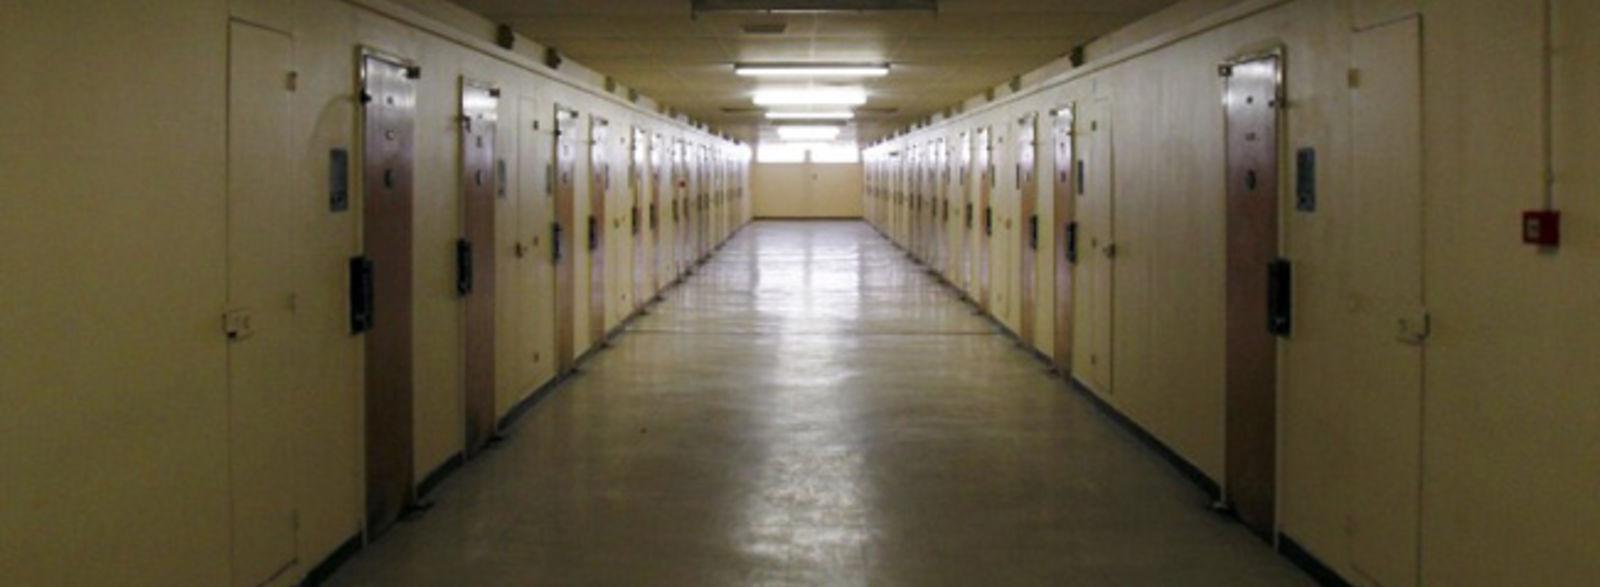 Prison: l'urgence pour les proches de Philippe ElShennawy, décidé à en finir